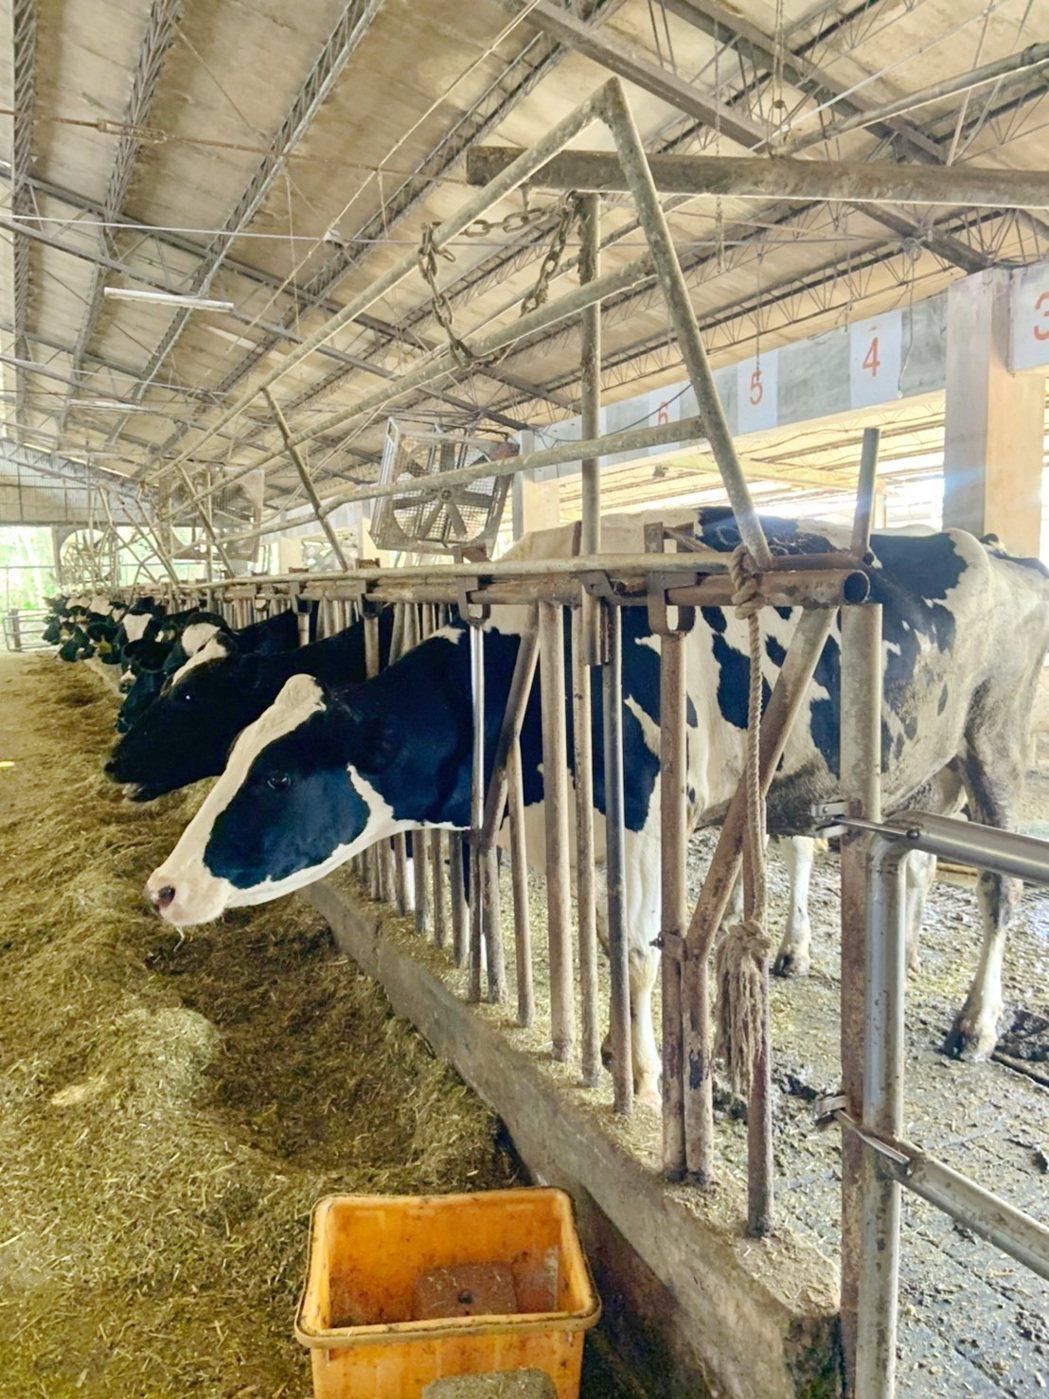 嘉義市唯一「牧場」,嘉義大學動物試驗場。記者卜敏正/翻攝